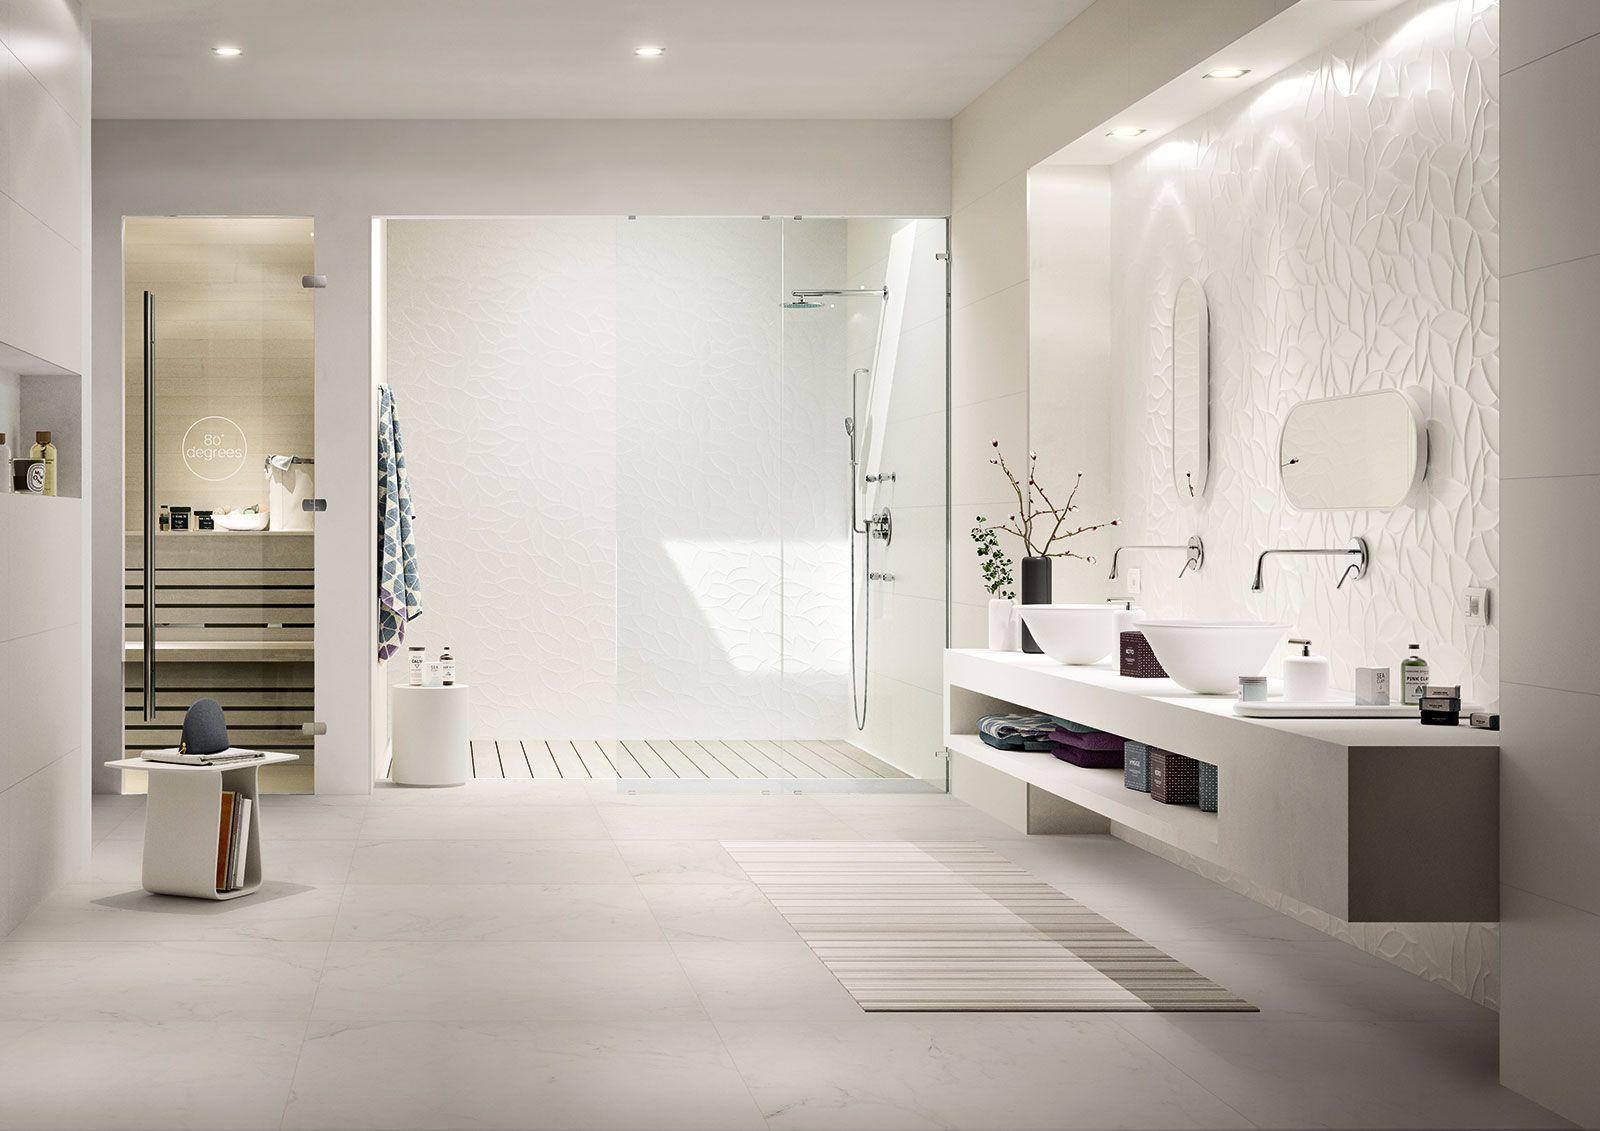 Essenziale ceramica bianca per bagni marazzi интерьер идеи